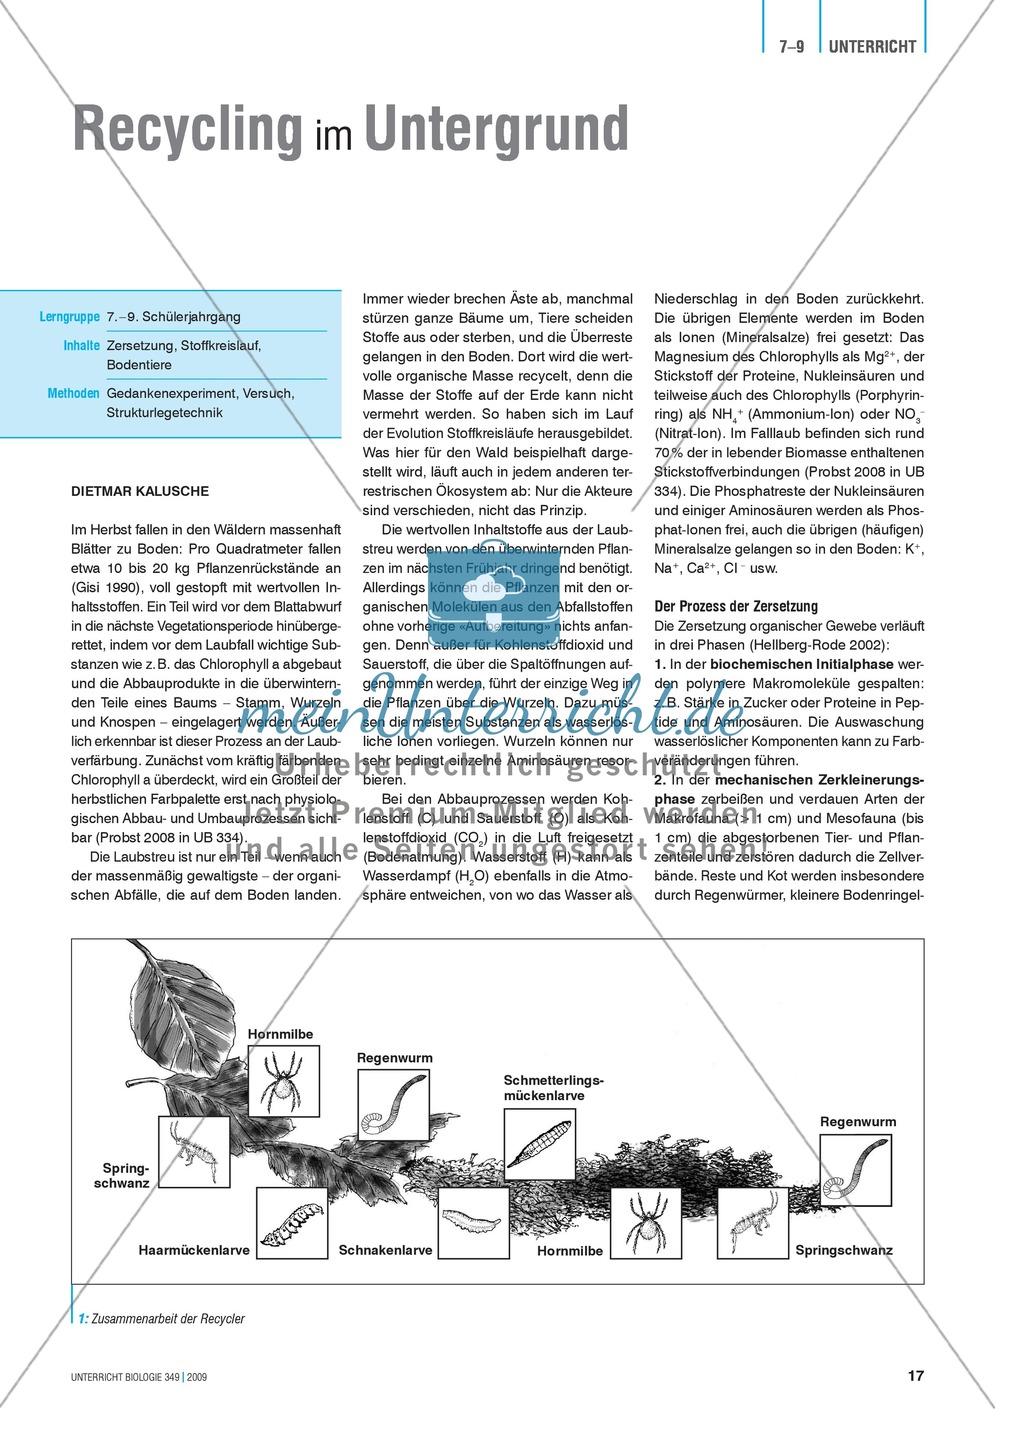 Recycling im Untergrund: Versuch und Gedankenexperiment zur ...